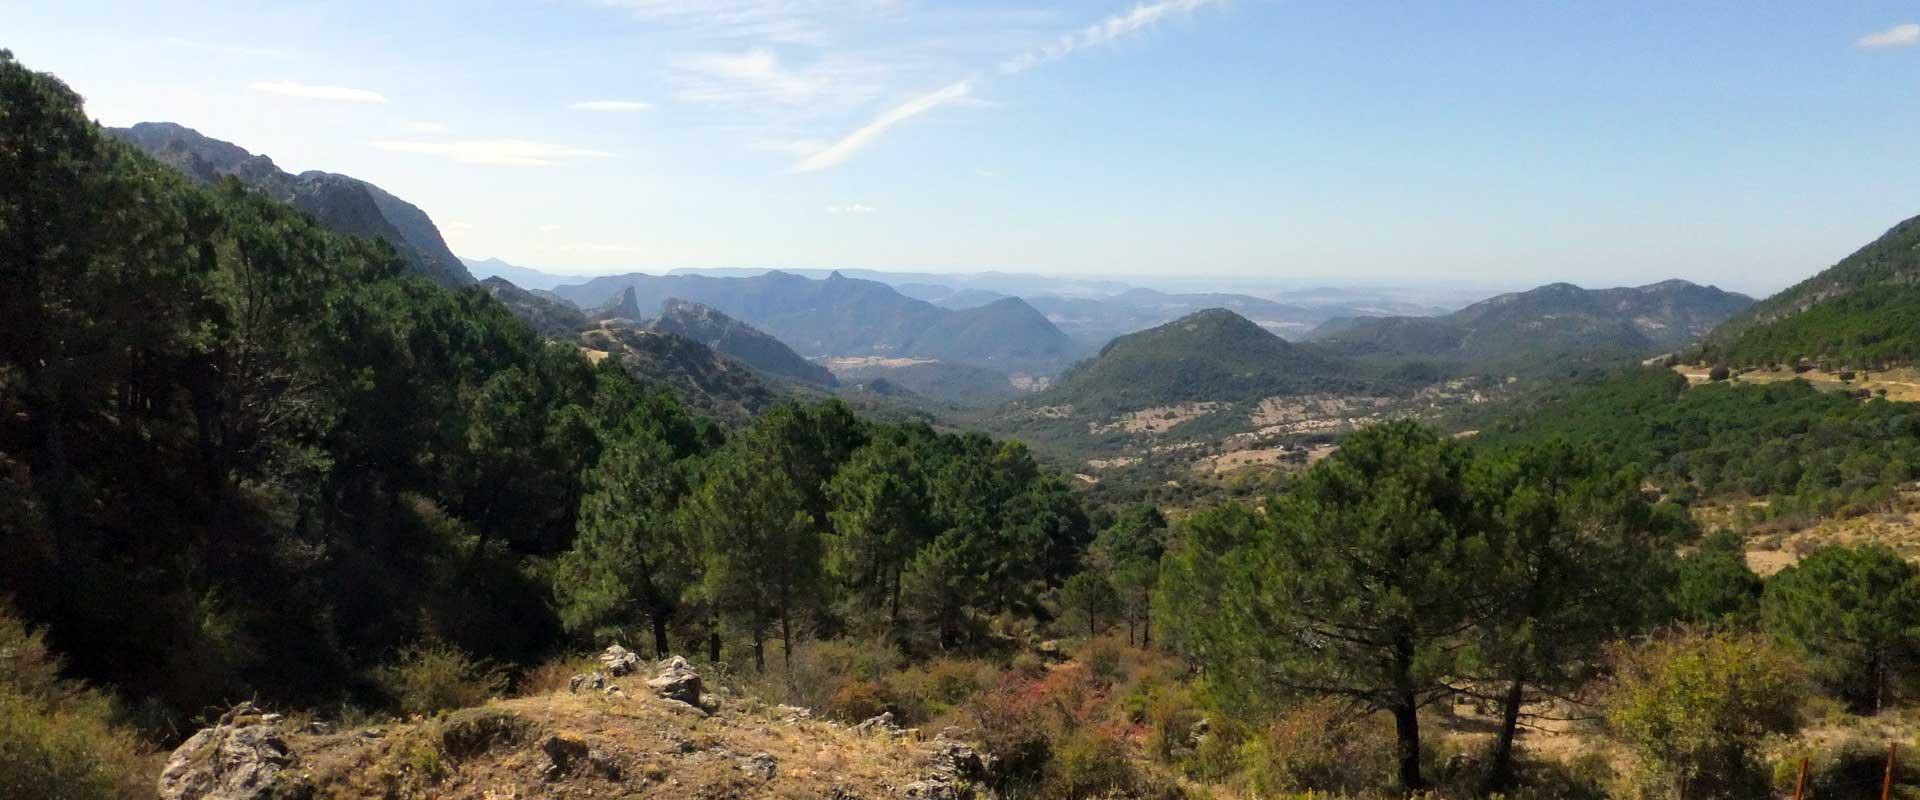 Andalusien: Sierra de Grazalema